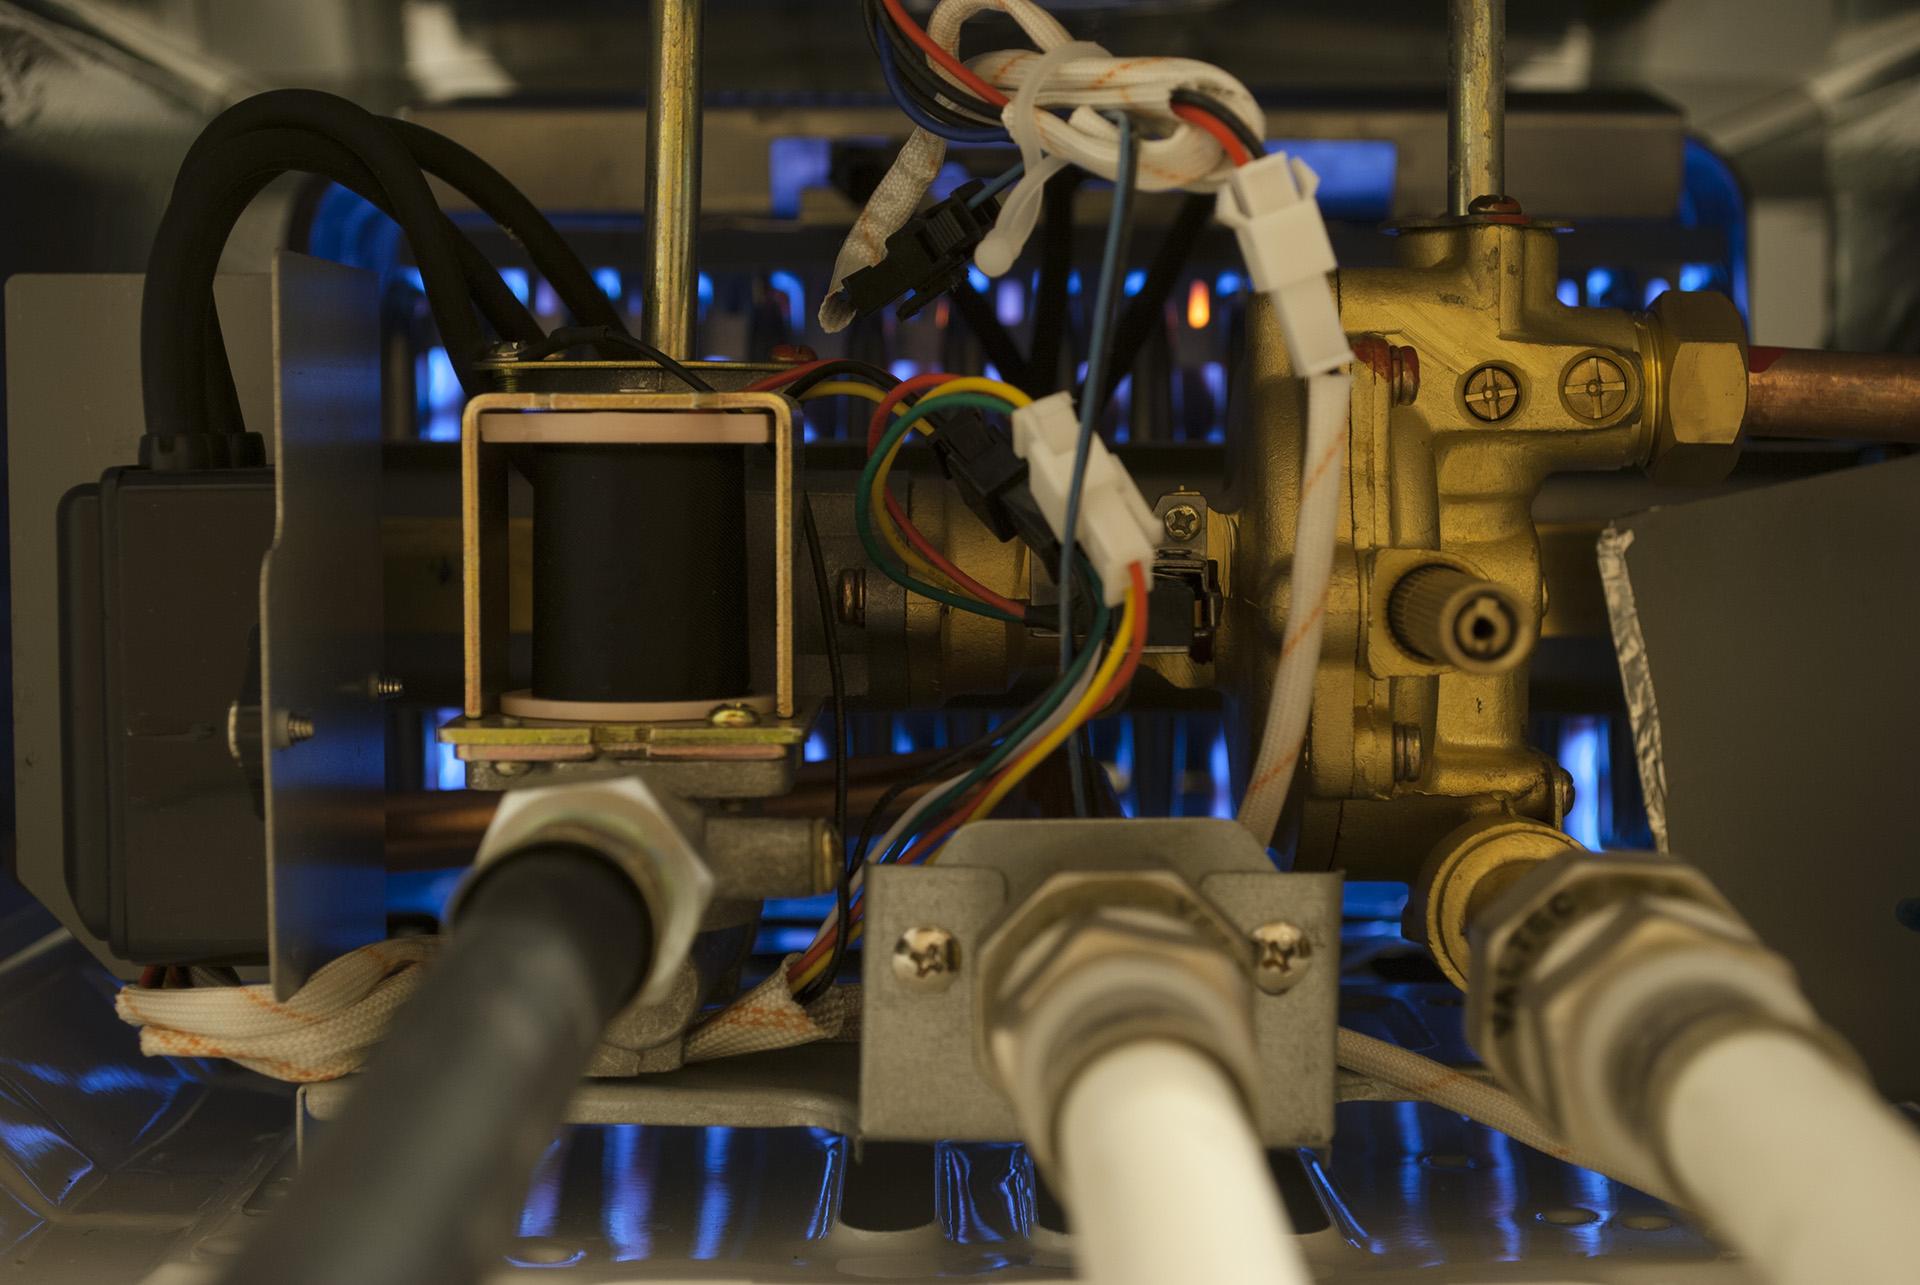 Газовая колонка zanussi внутри во время работы